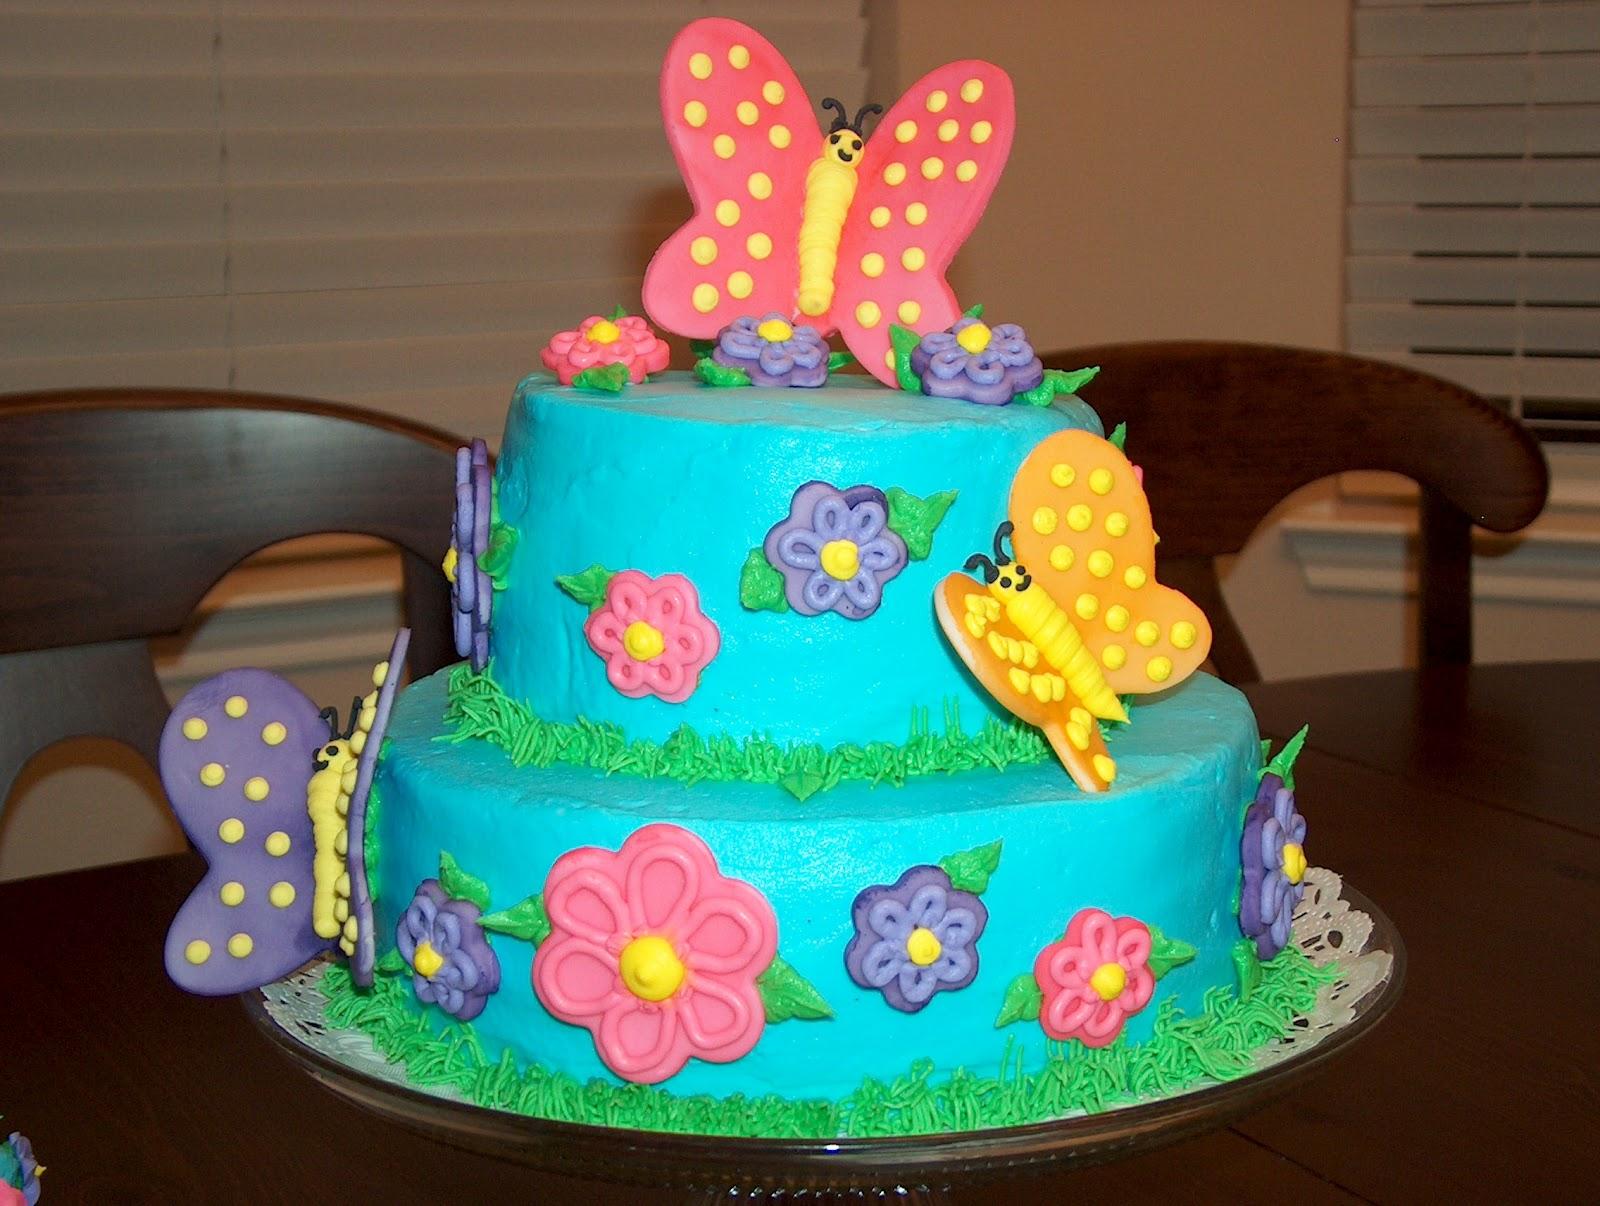 Flower Picks For Birthday Cake Decorating